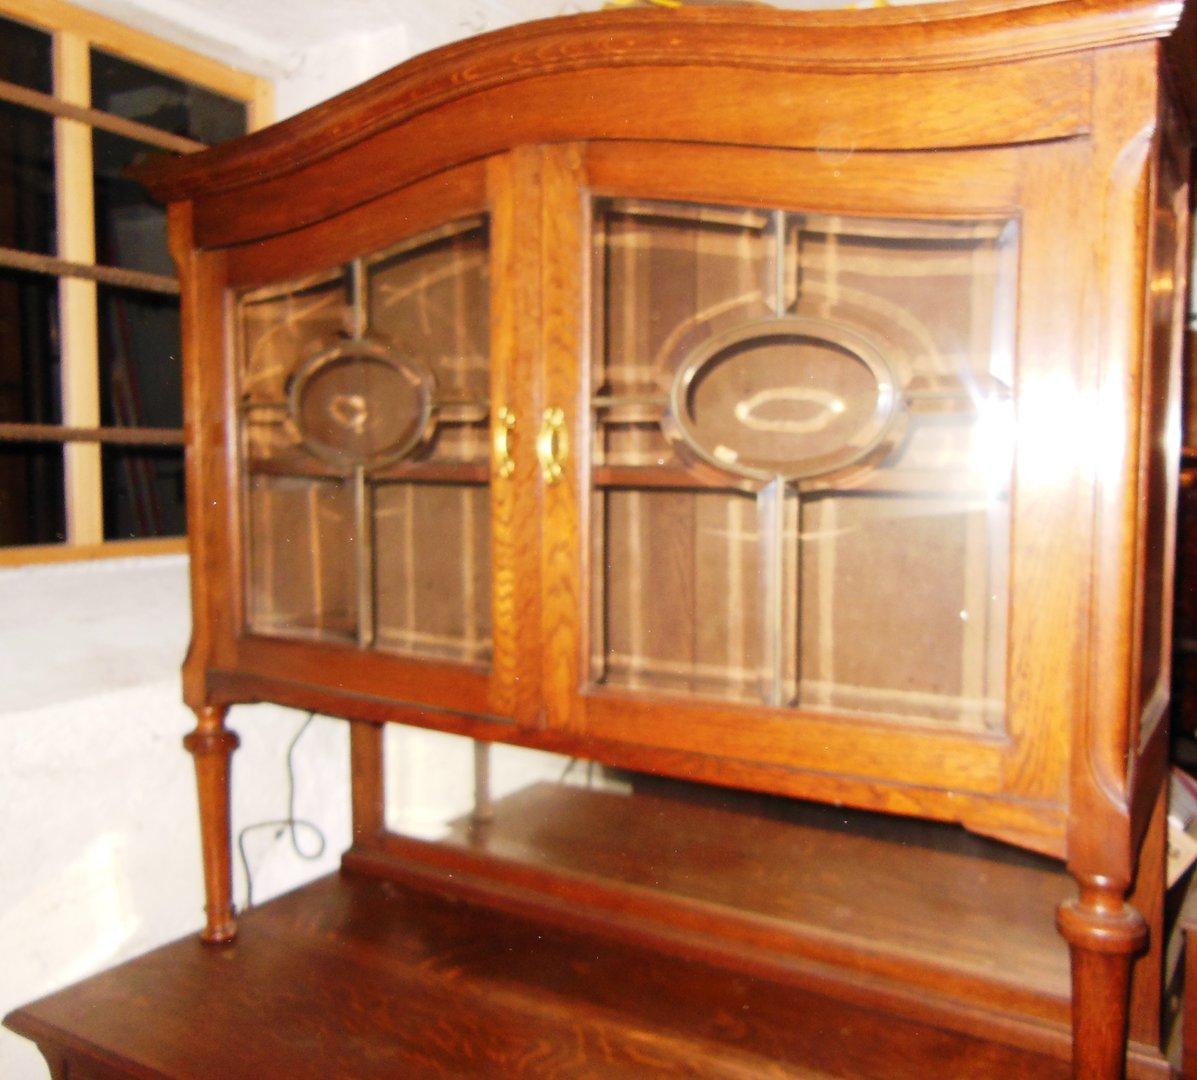 Awesome Nobilia Küche Primo Images - Farbideen fürs Wohnzimmer ...